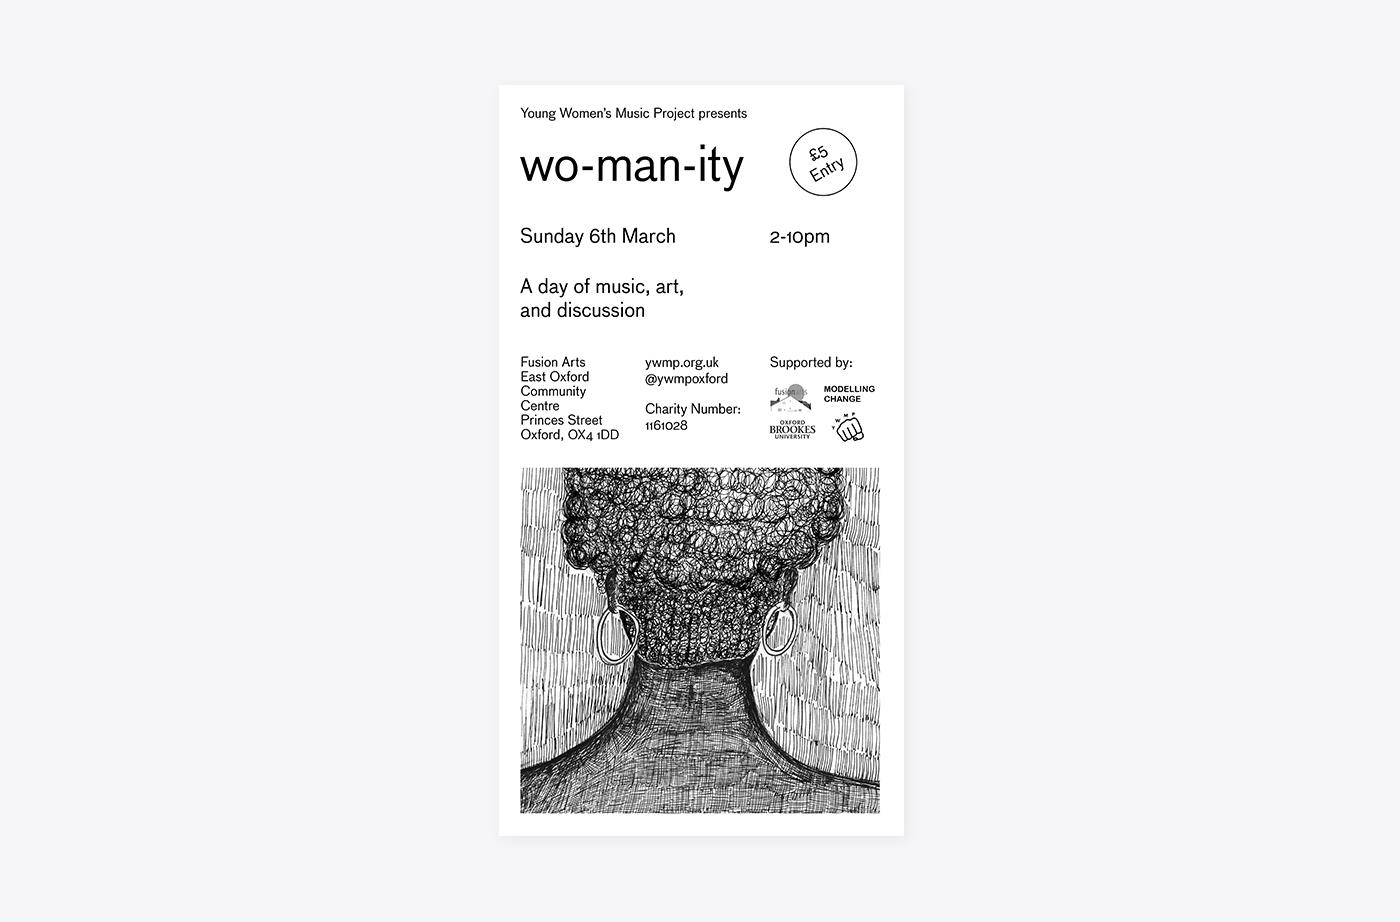 womanity2015 website.jpg